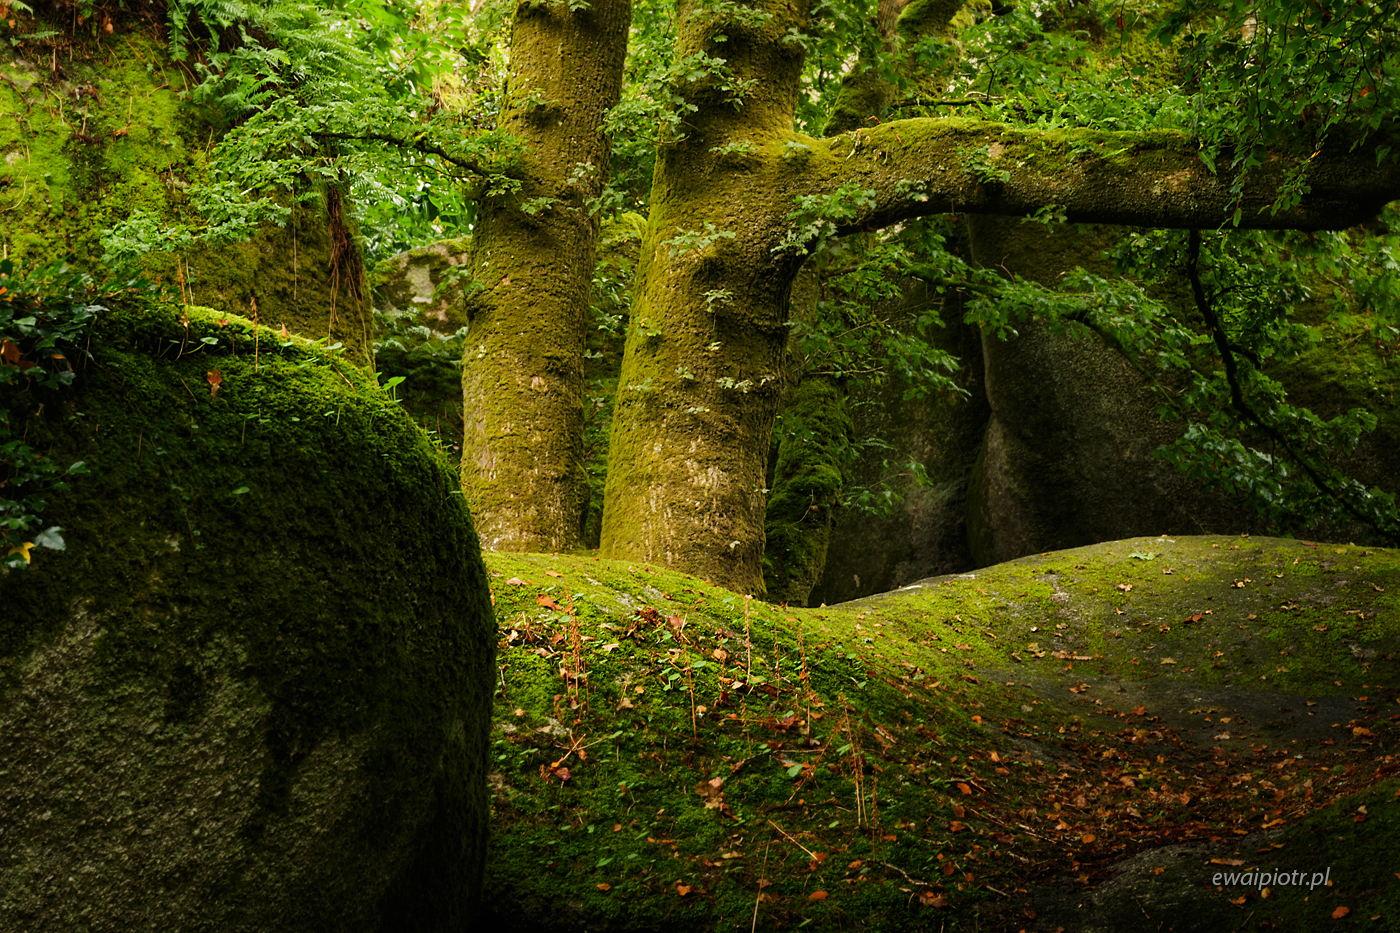 Pnie i głazy, las Huelgoat, Bretania